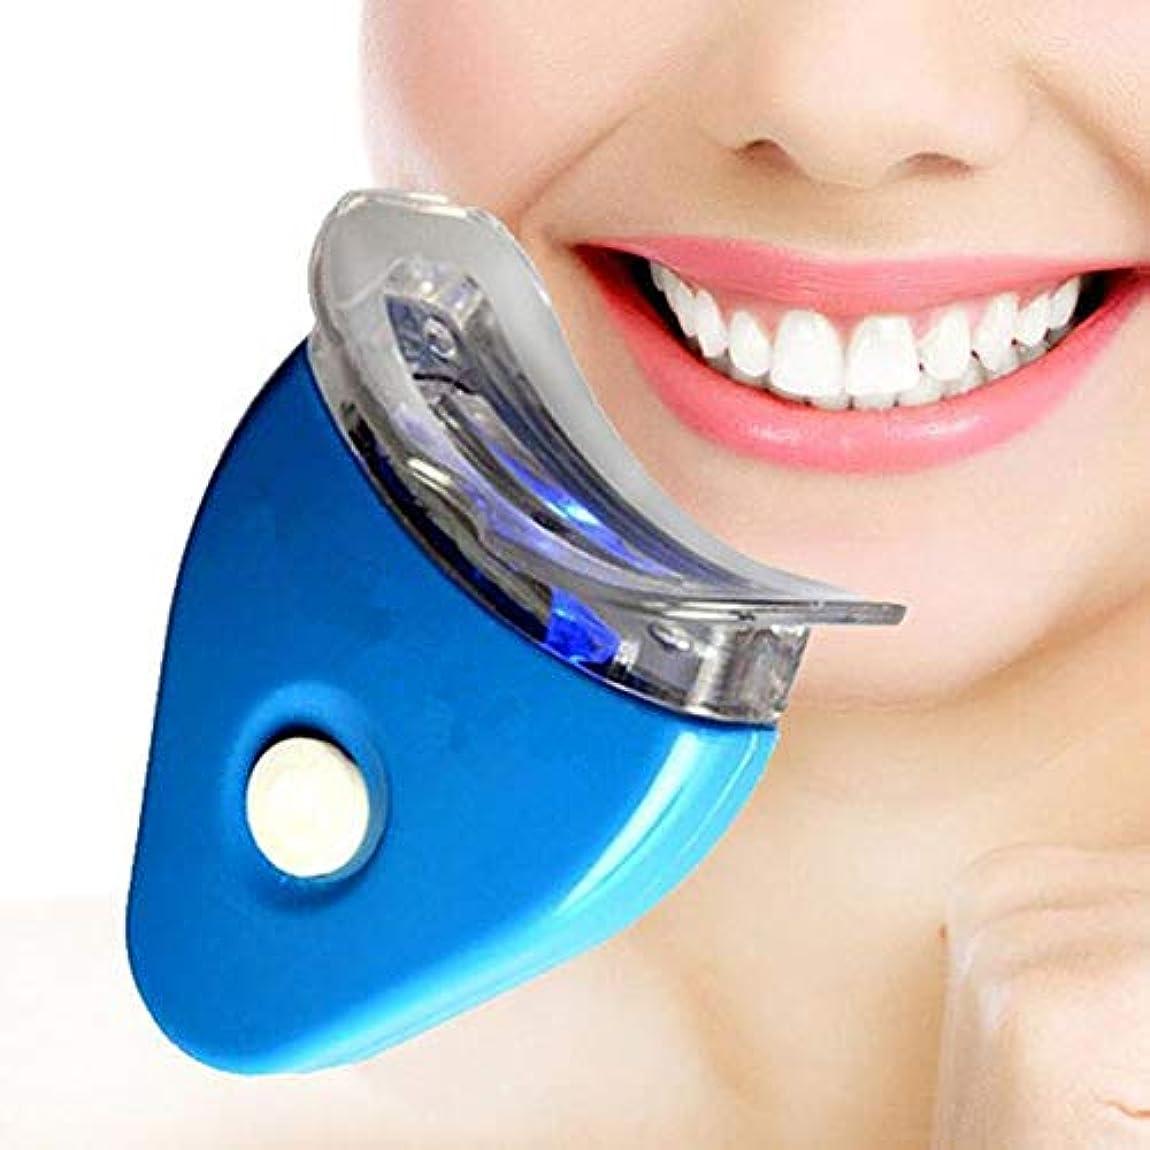 振動させる減らす実質的歯のホワイトニングキット、歯磨き粉漂白健康な口腔ケア歯磨き粉個人用歯科キット/健康な口腔ケア、LEDライト付き